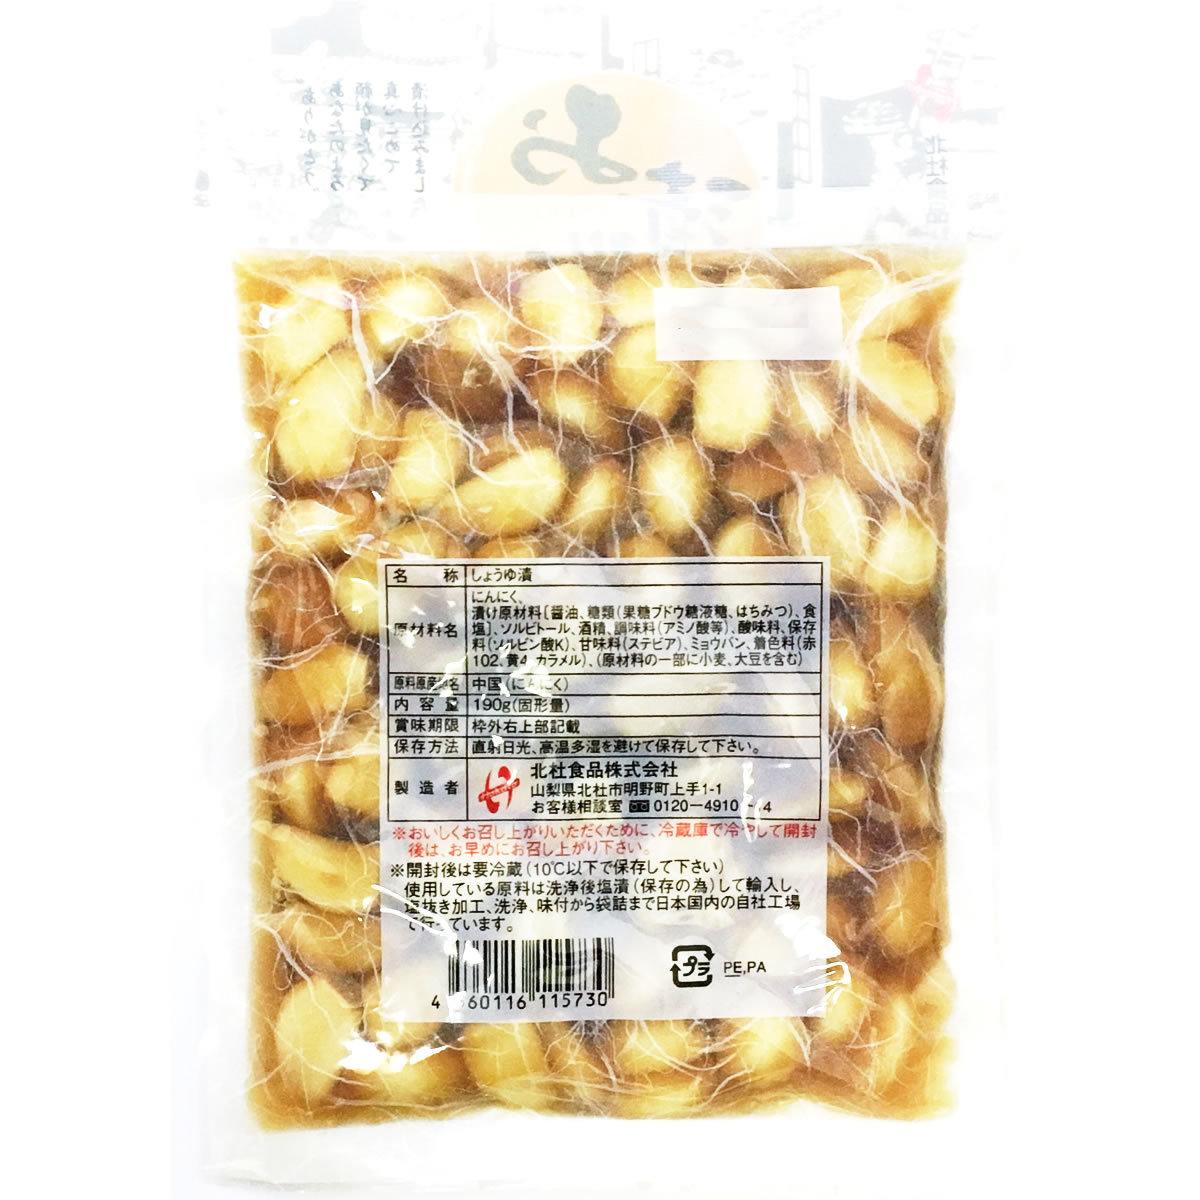 北杜食品 たまりにんにく&にんにくの燻製風味 国内加工品 各1袋お試しセット_画像3